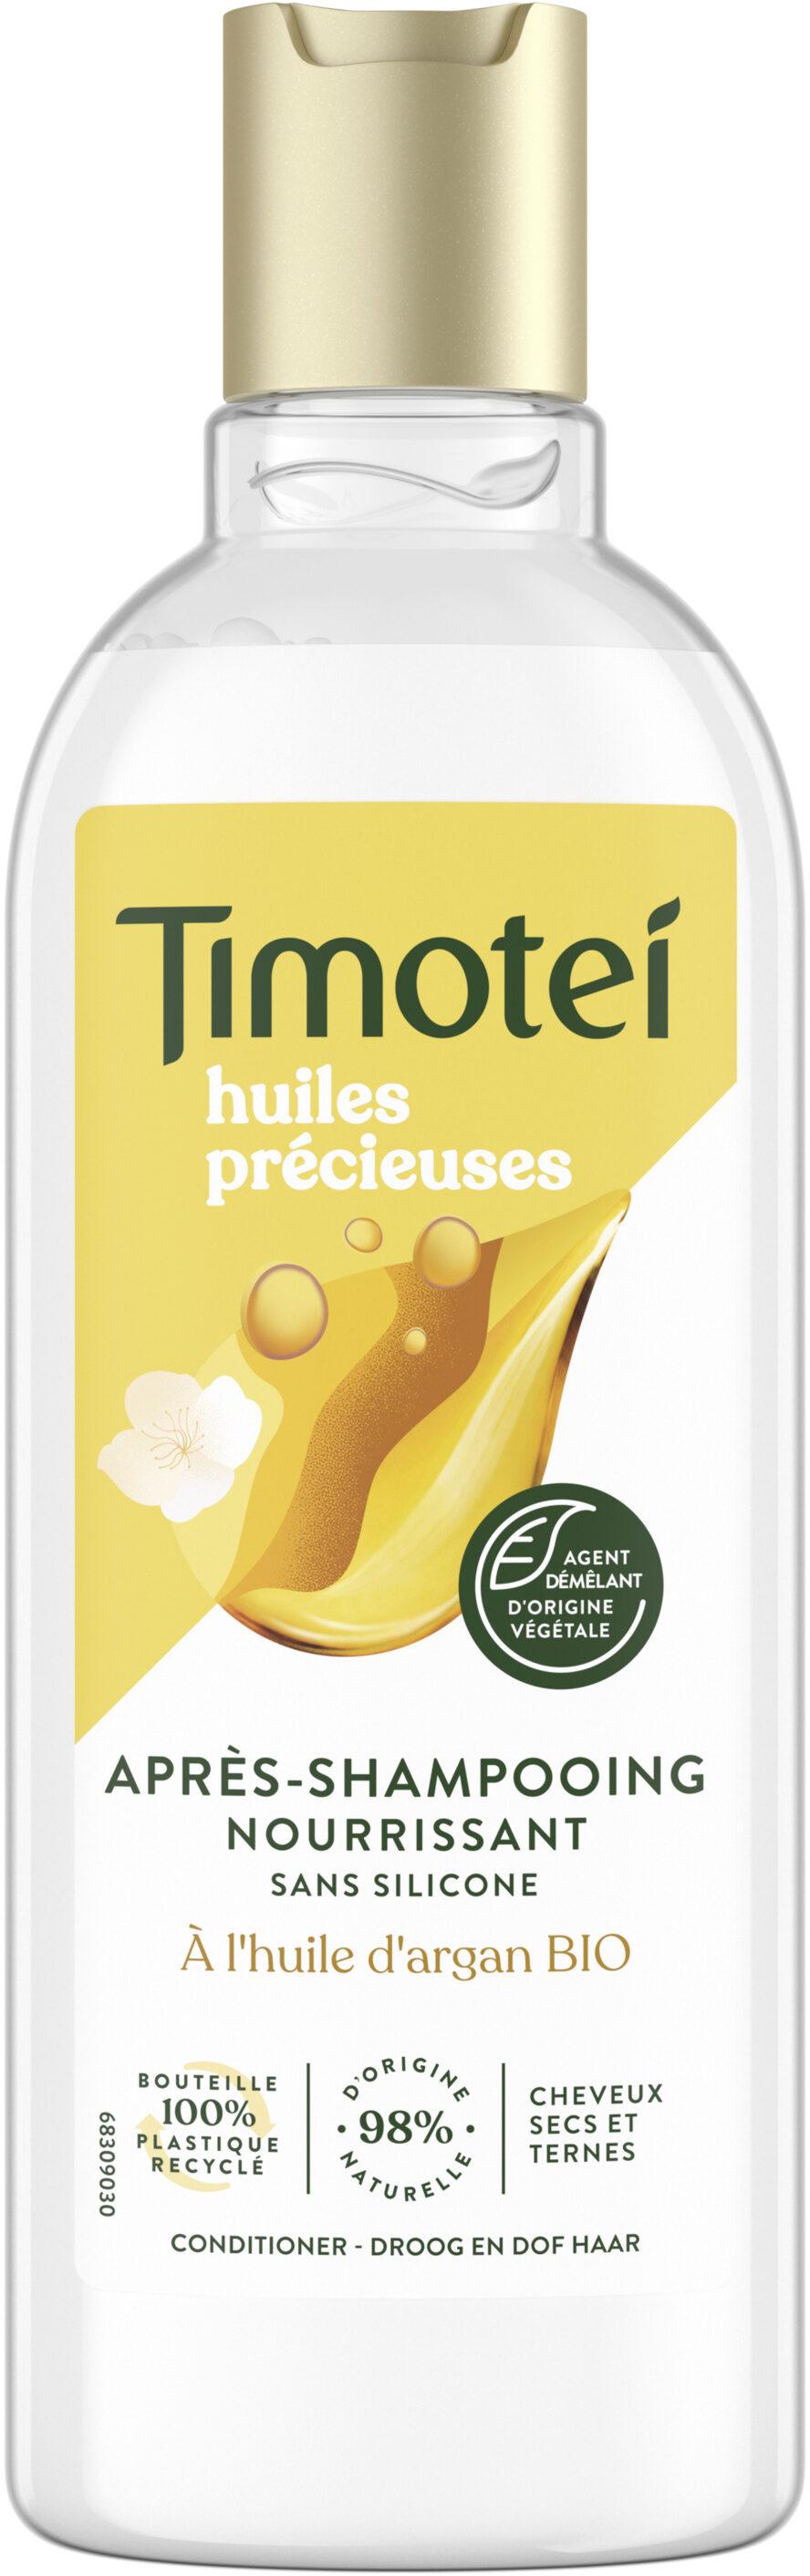 Timotei Après-Shampooing Femme Huiles Précieuses Nourrissant - Produit - fr